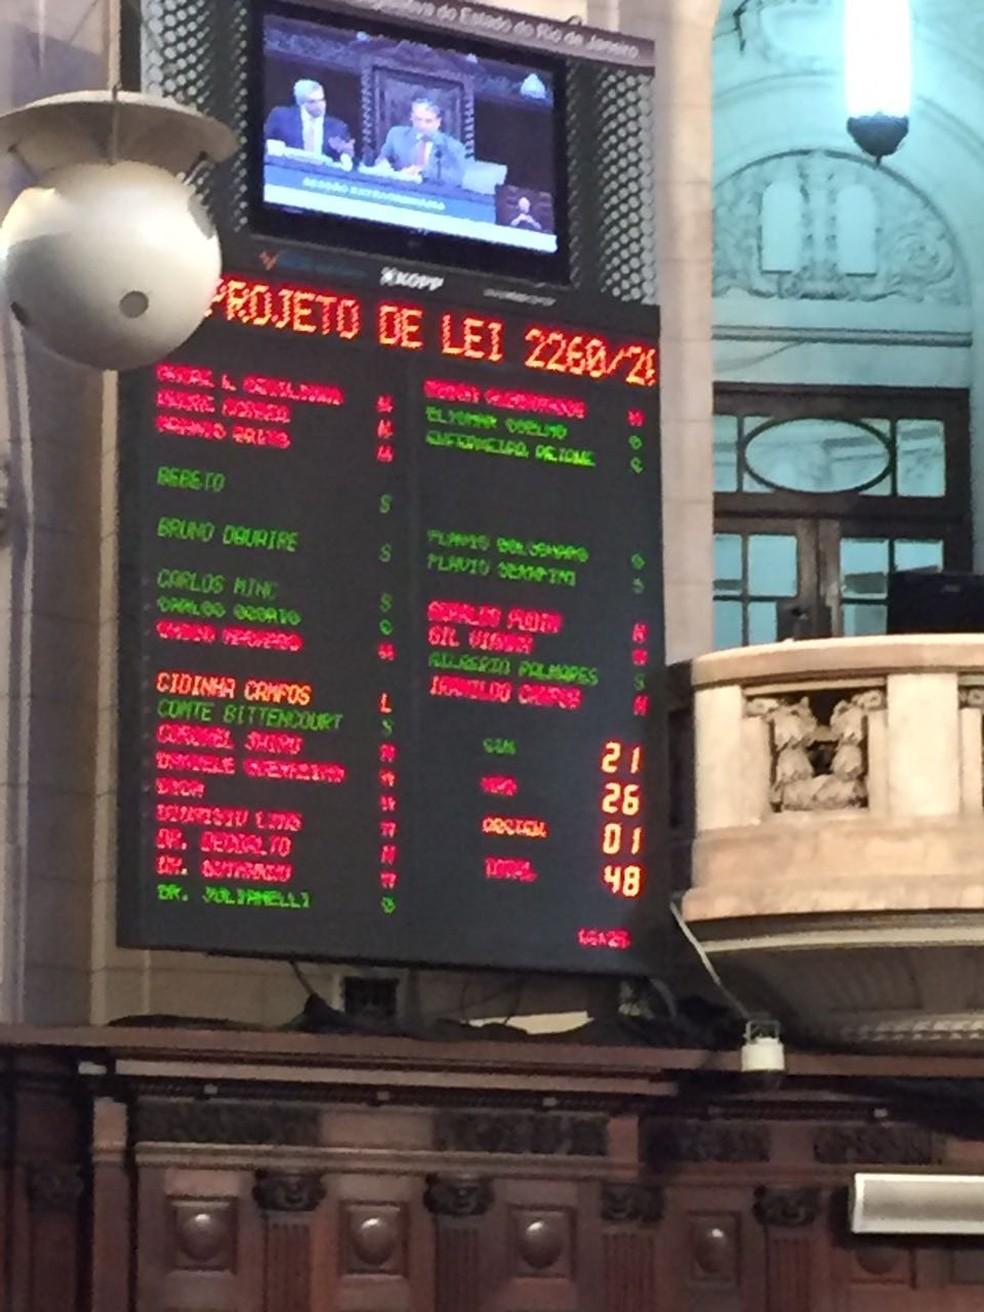 Maioria dos 48 deputados presentes à sessão decidiu manter veto a projeto que reduzia salários de Pezão e Dornelles (Foto: Gabriel Barreira/G1)